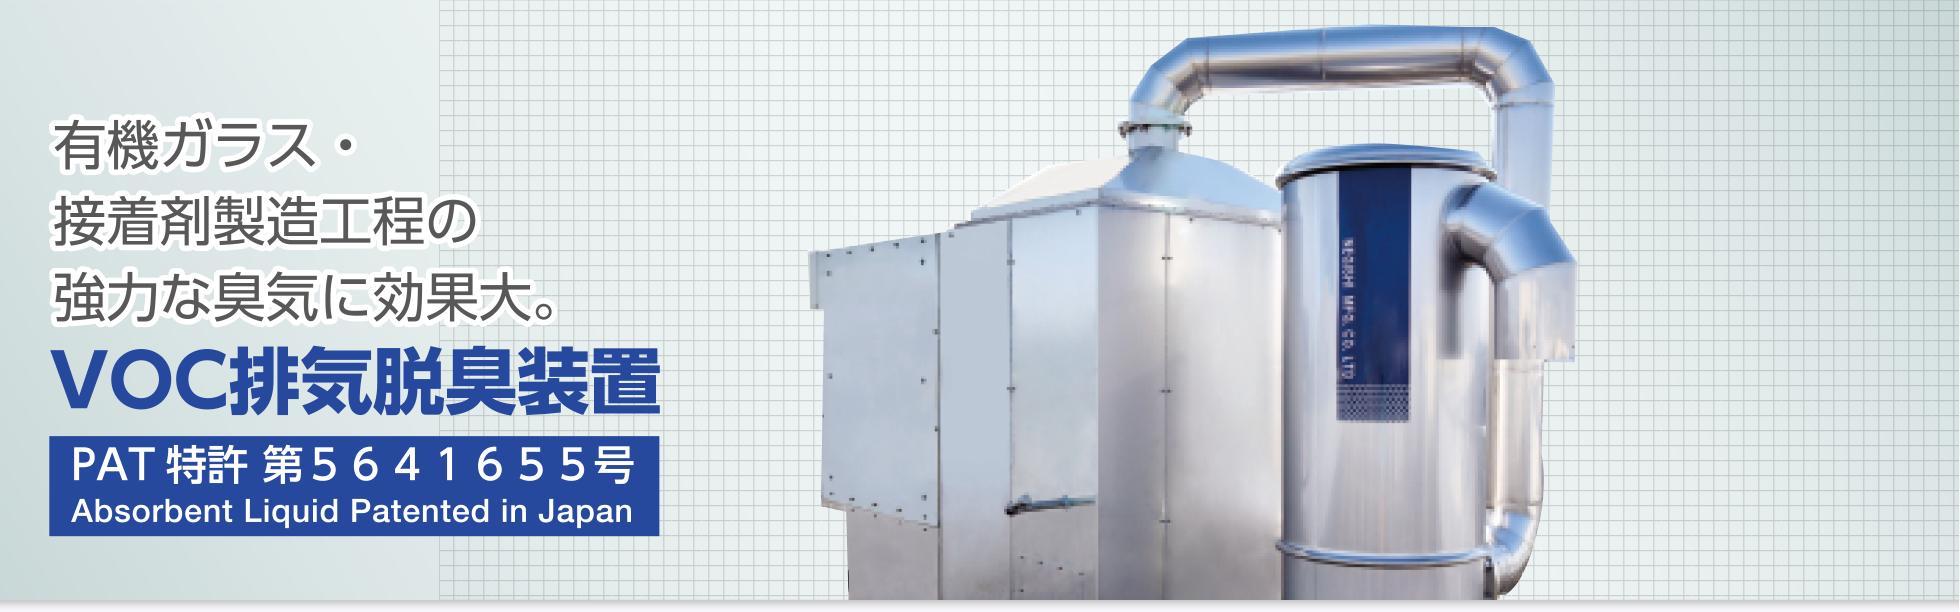 有機ガラス・接着剤製造工程の強力な臭気に効果大。VOC排気脱臭装置